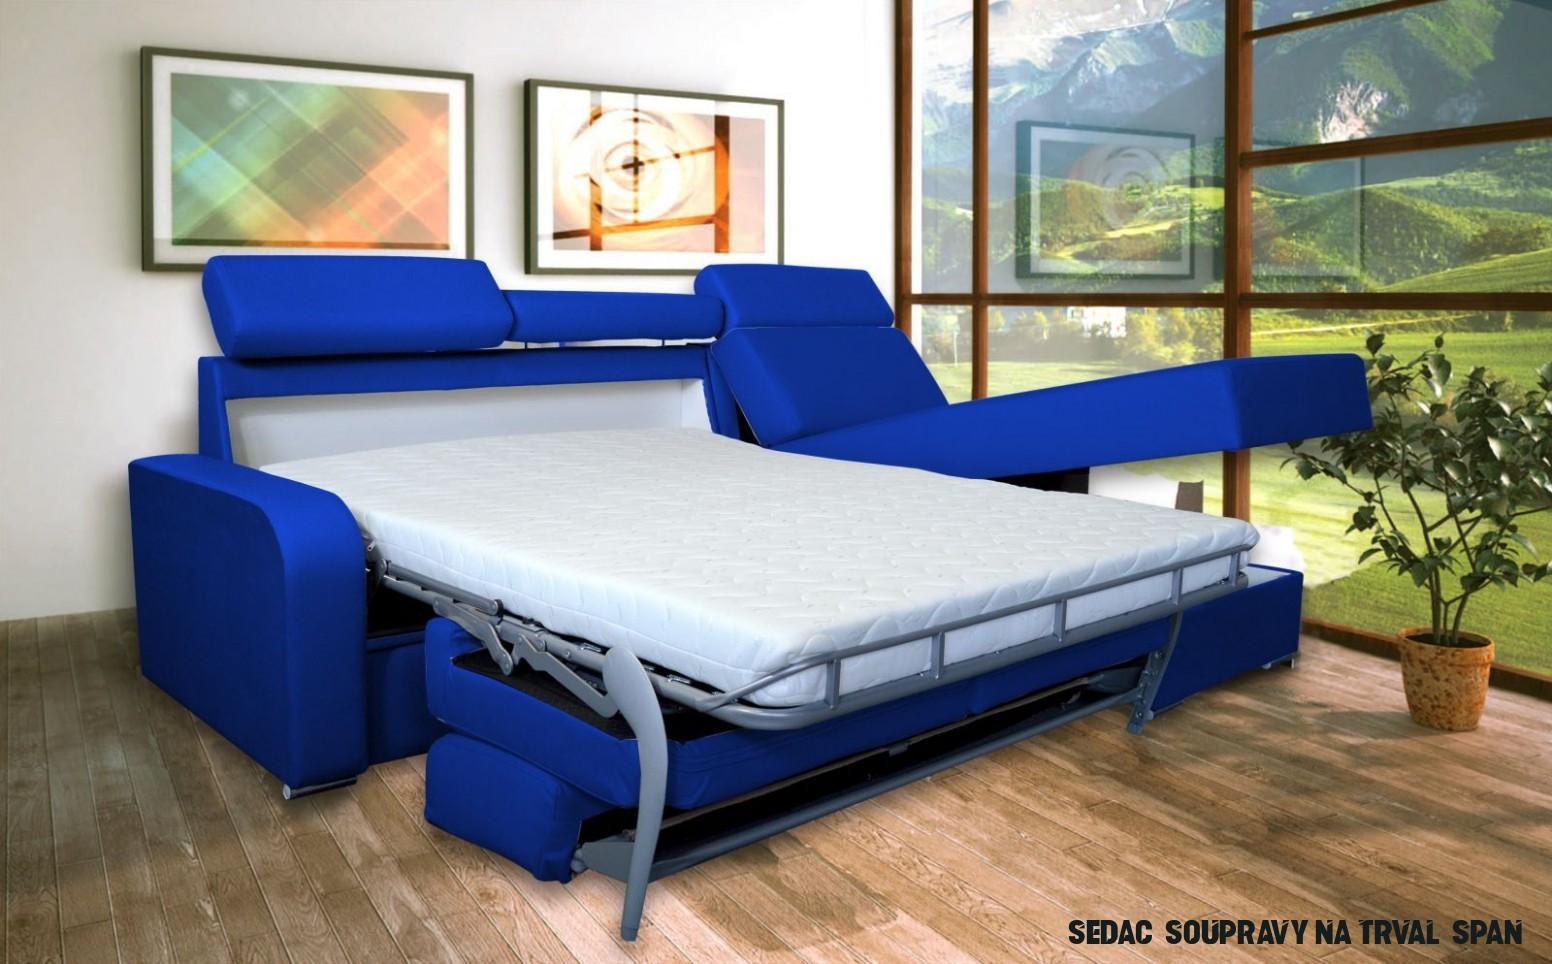 modrá rohová sedací souprava na každodenní spaní DESTINE 17 LP